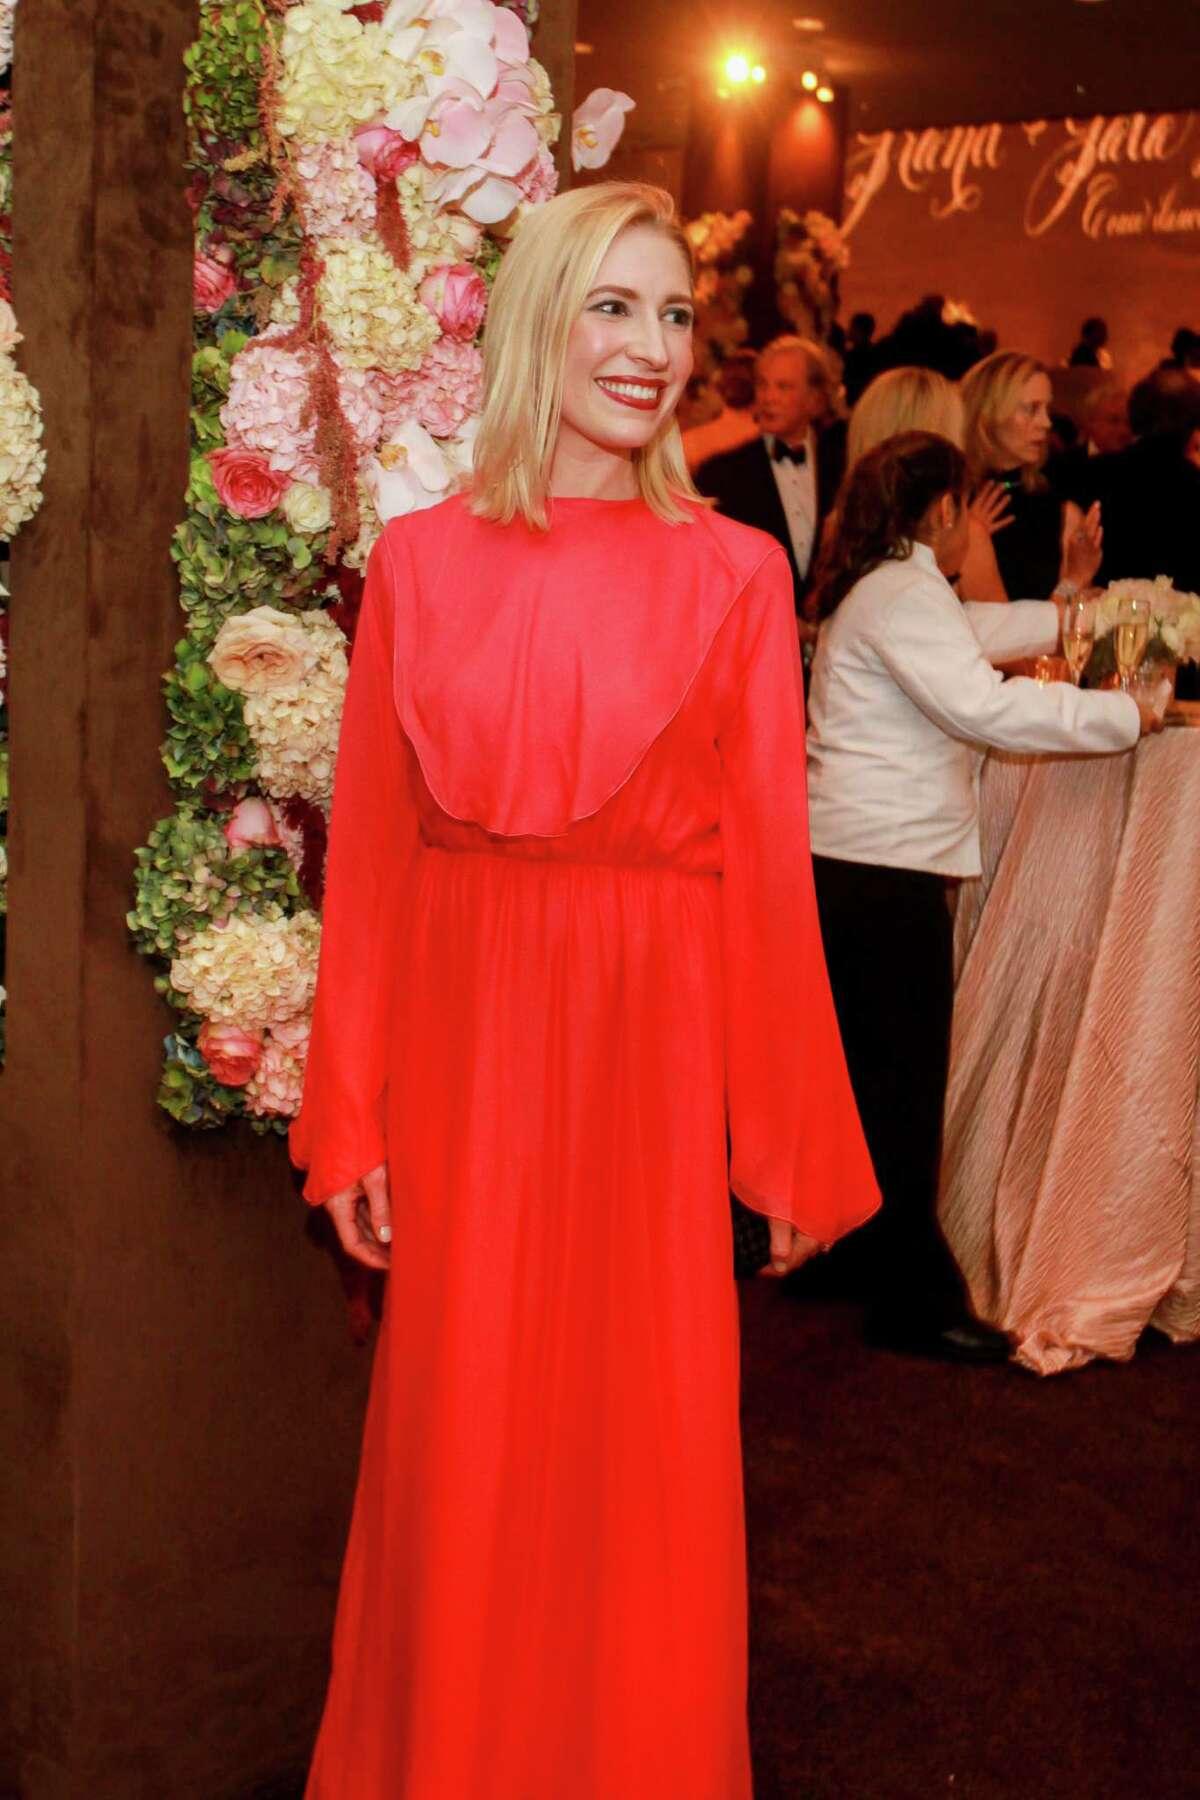 Isabel David at the MFAH Grand Gala Ball.